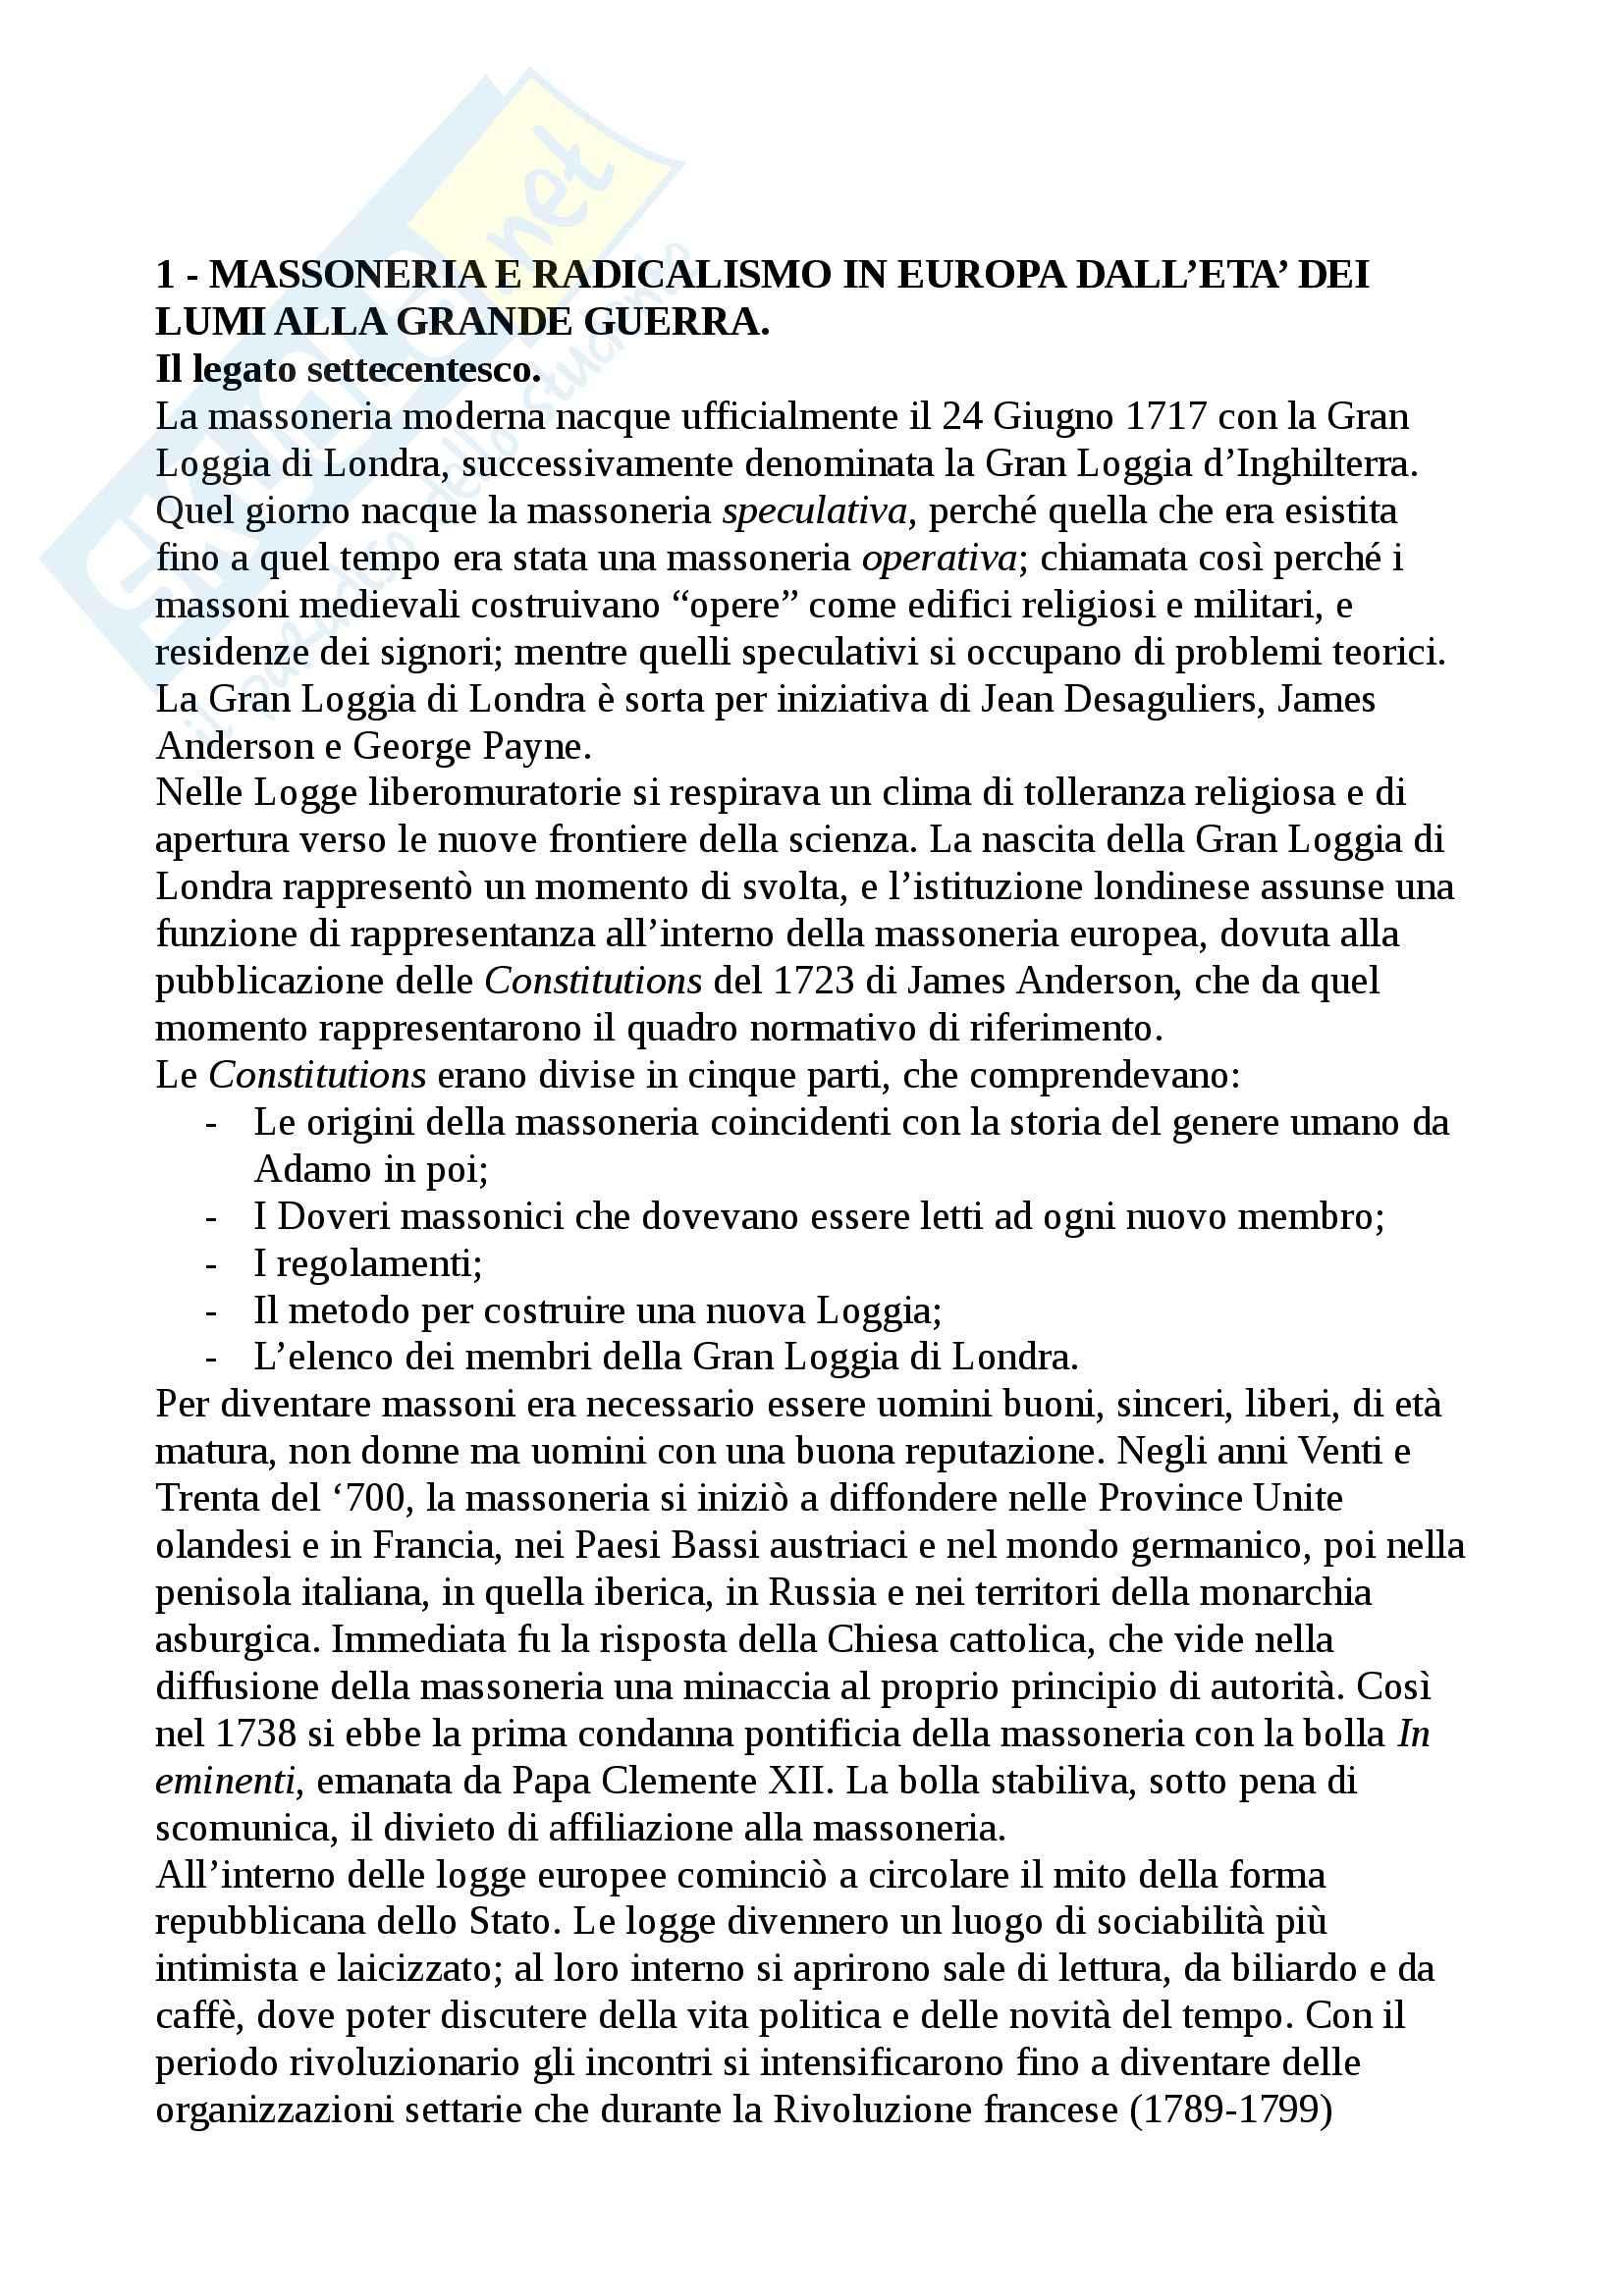 Riassunto esame Storia Contemporanea, prof. Tedesco, libro consigliato Massoneria e Religioni Civili, Conti